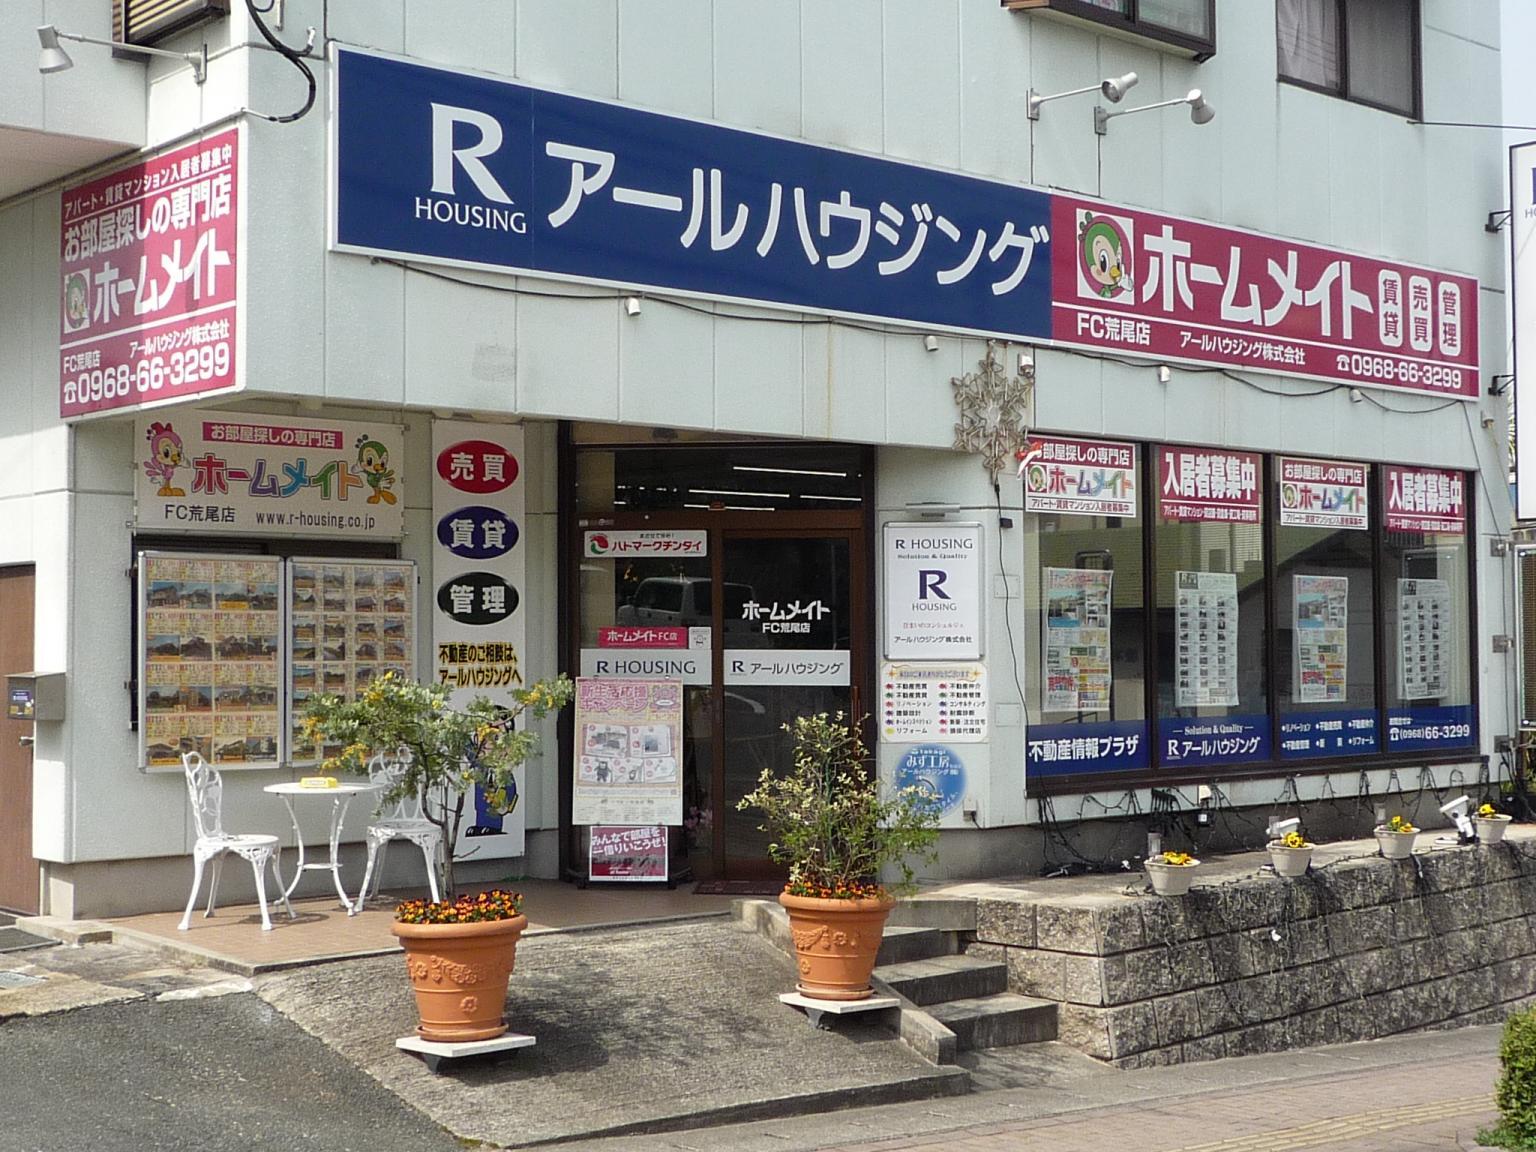 ホームメイト FC荒尾店 アールハウジング株式会社